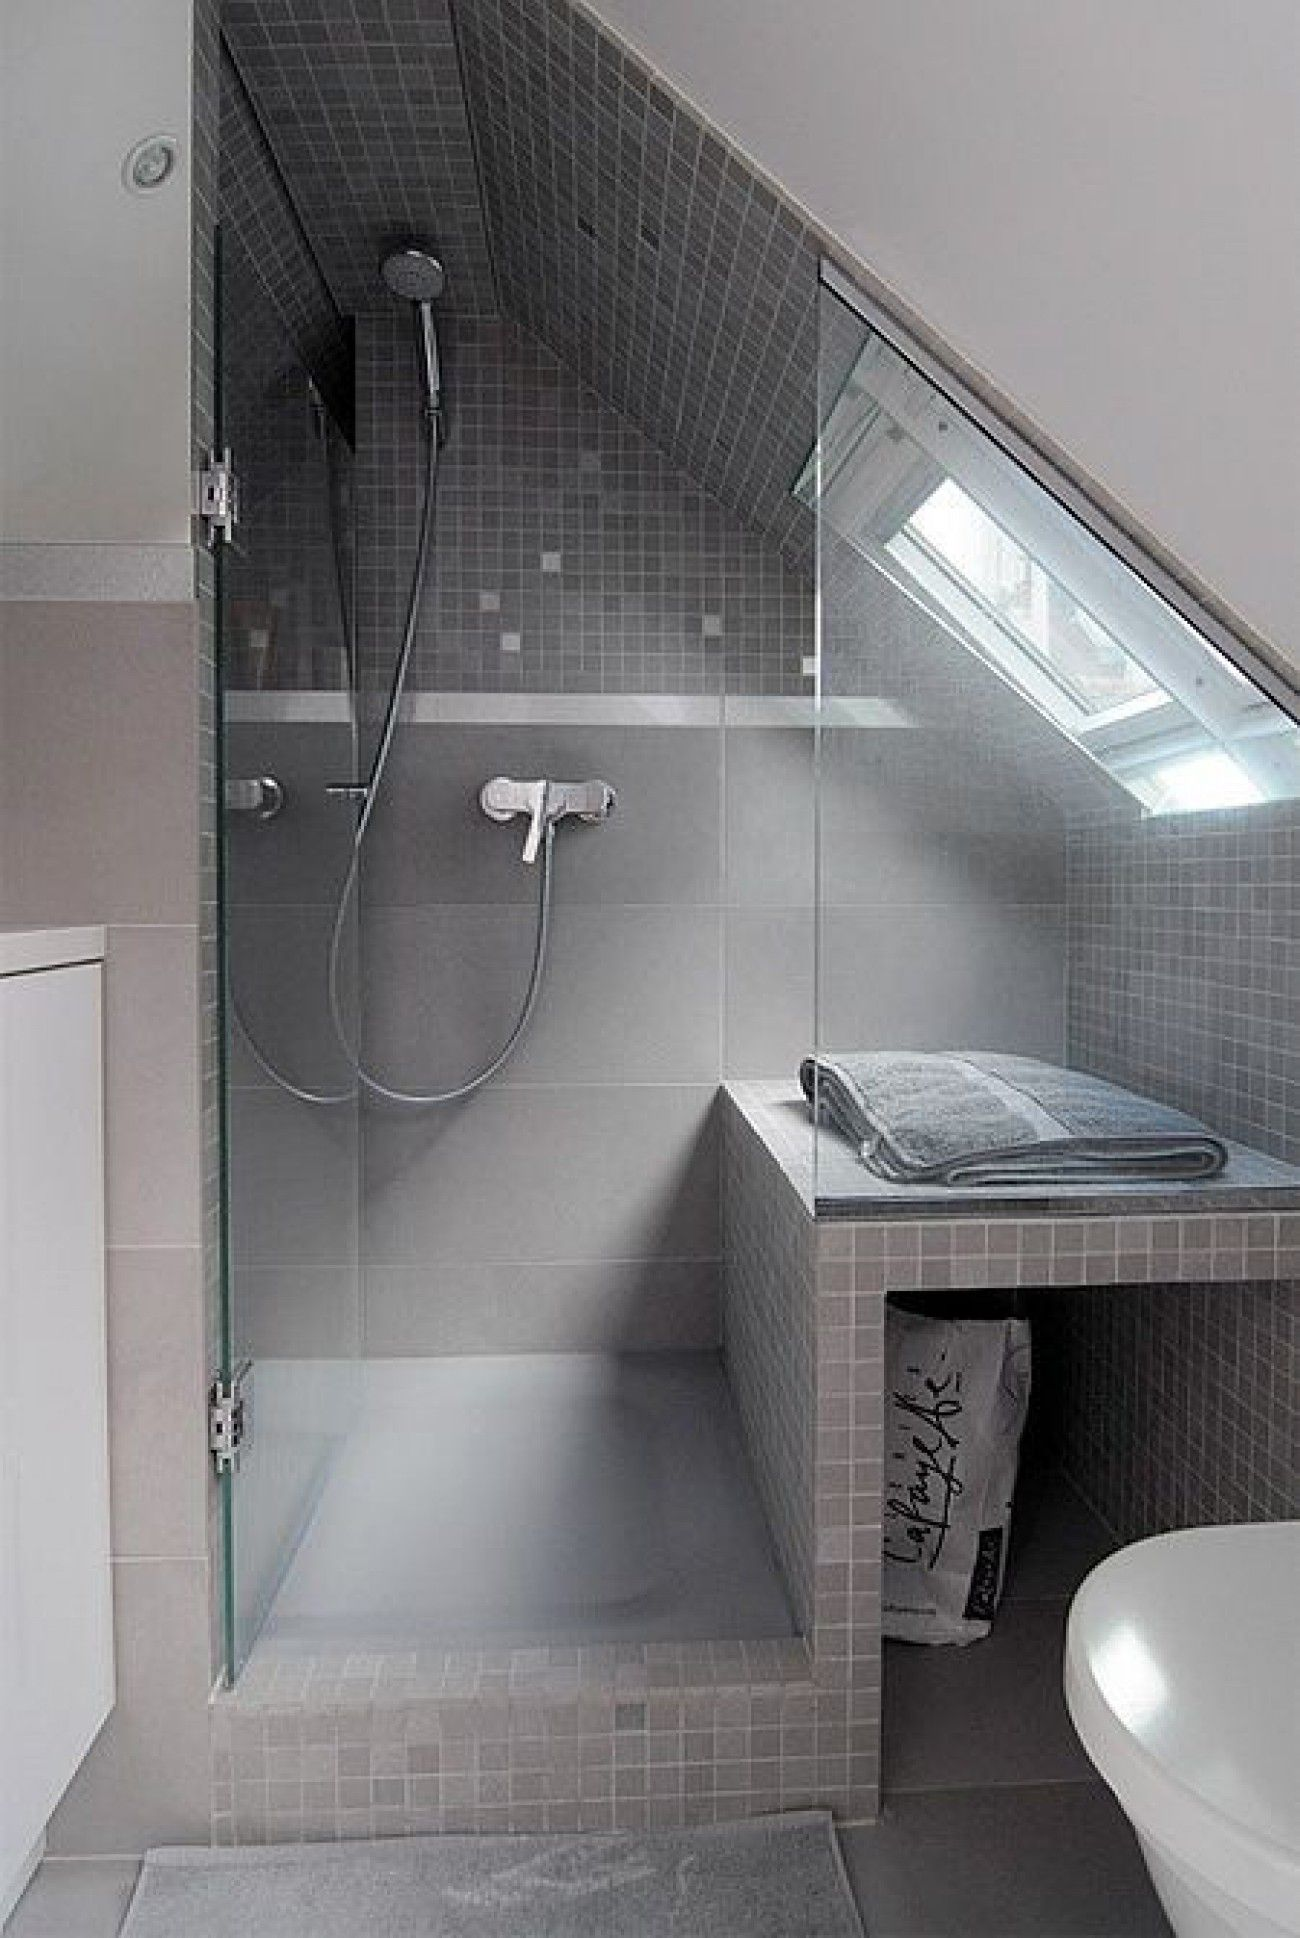 Klasse Einteilung für ein kleines Badezimmer mit Dachschräge ...